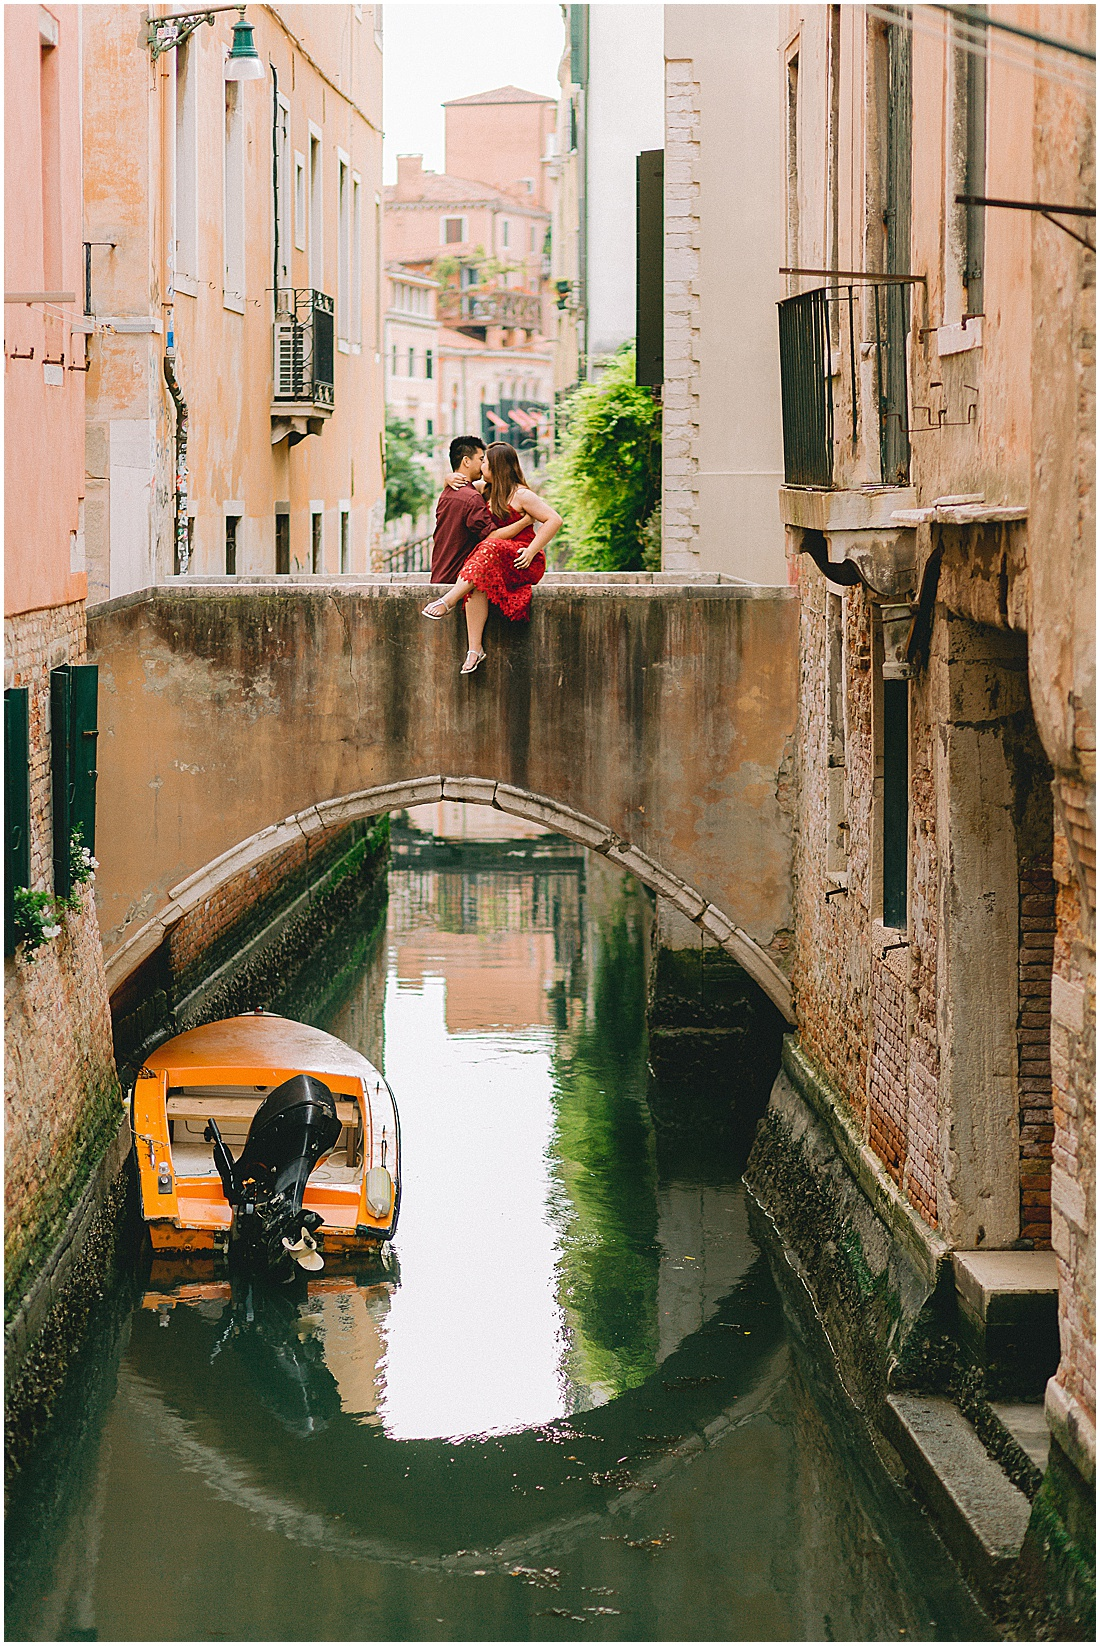 wedding-surprise-proposal-photographer-venice-gondola-sunset-stefano-degirmenci_0383.jpg